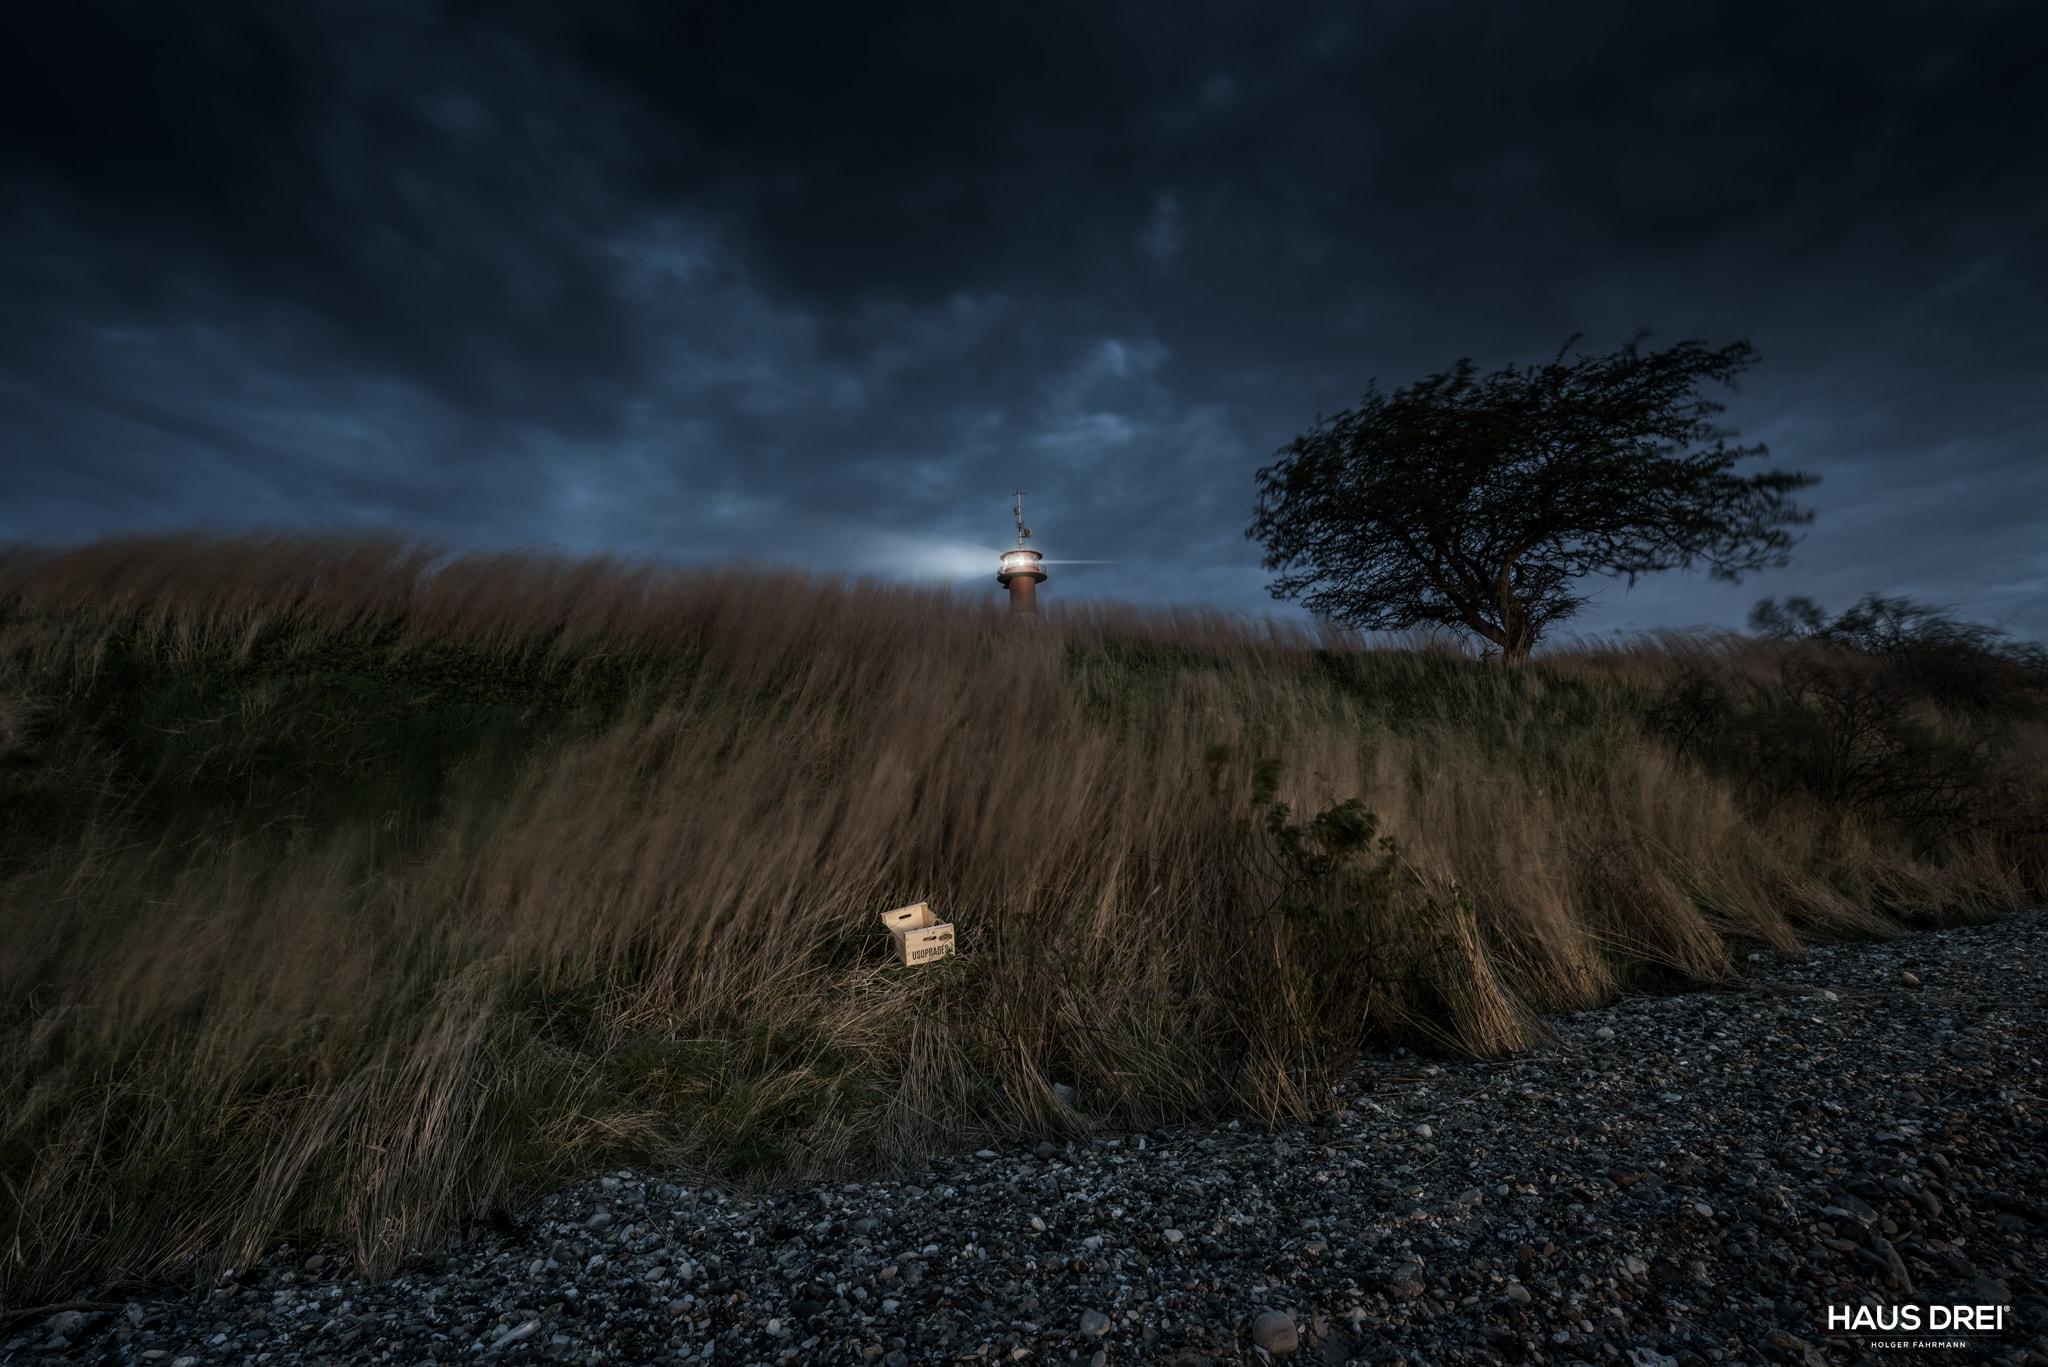 HAUS DREI® Landschaft 8 | Holger Fährmann